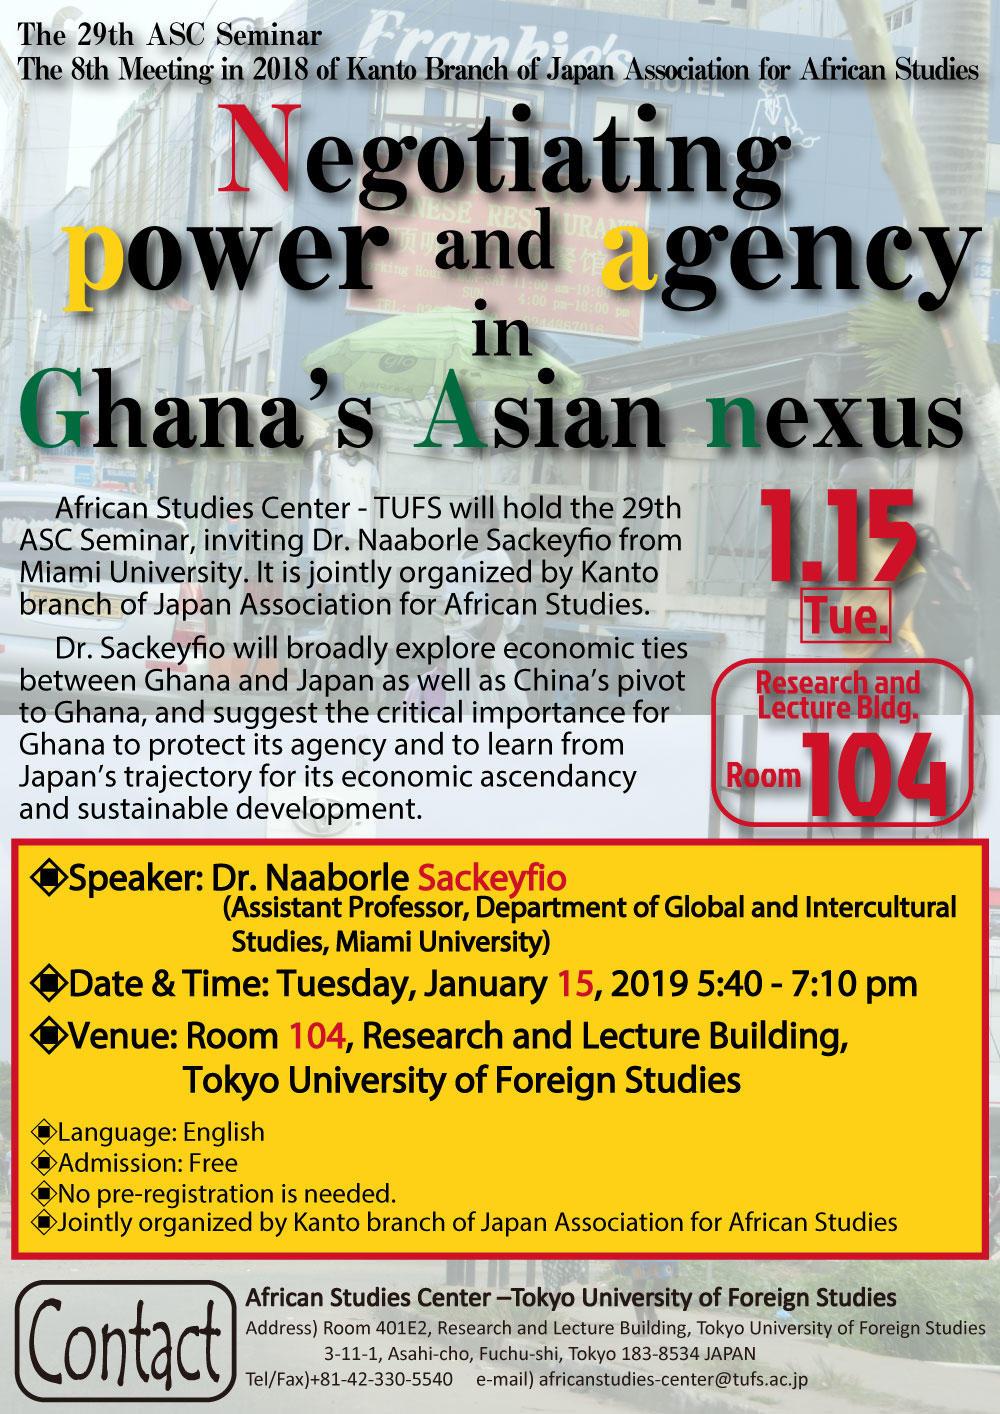 ガーナの経済に関するセミナーを開催